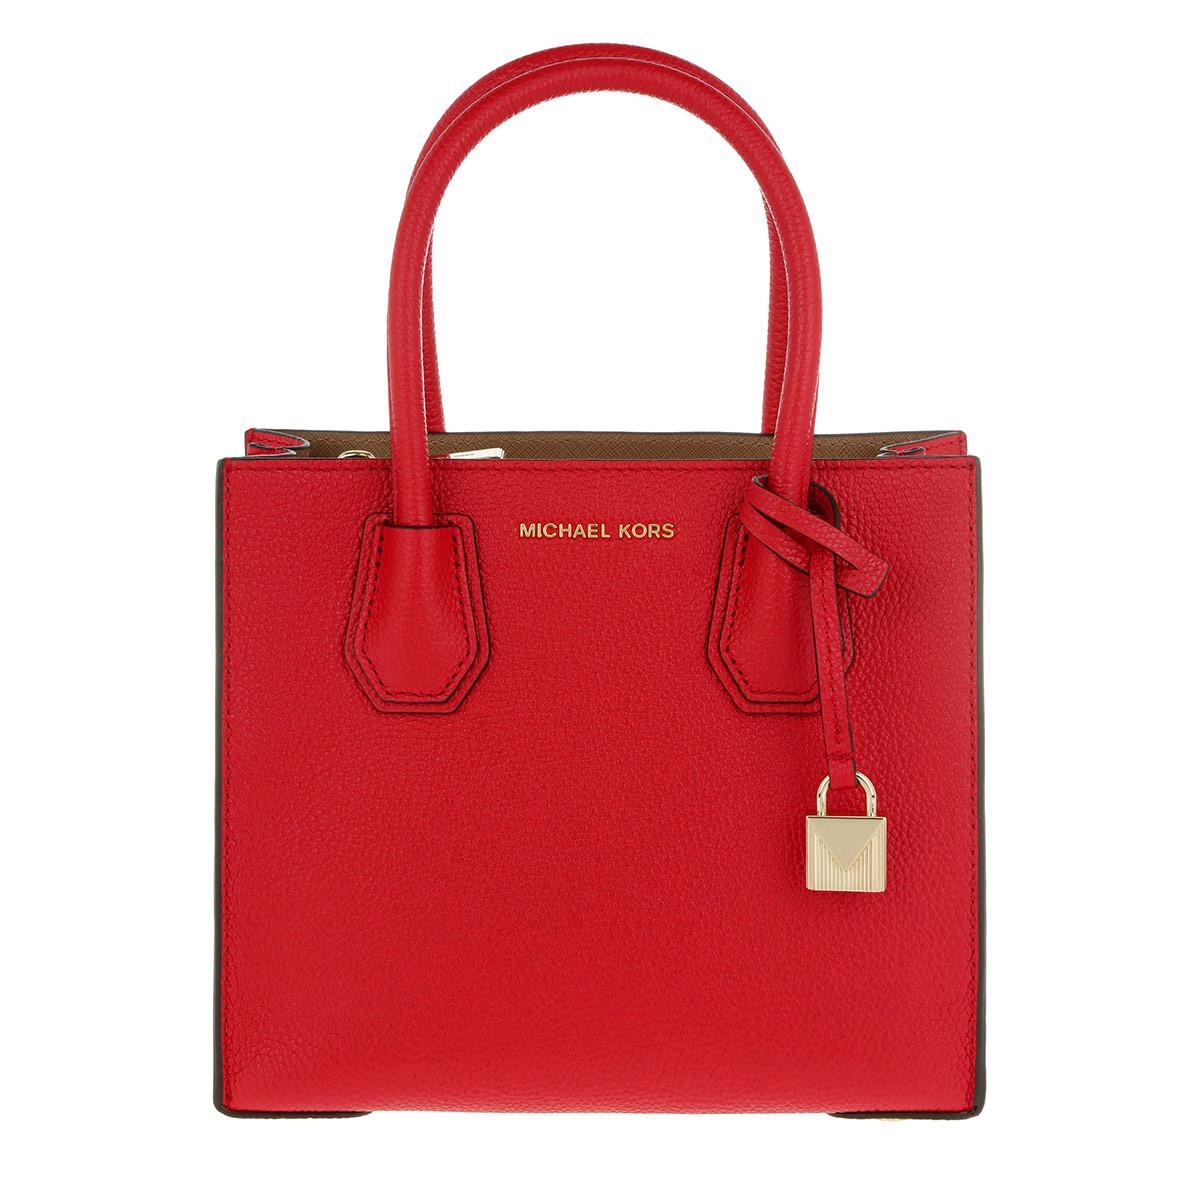 Del Michael Sacchetto Di Spalla Di Kors Del - Mercer Md Messaggero Rosso Brillante In Rosso Per Le Donne y8JSoV